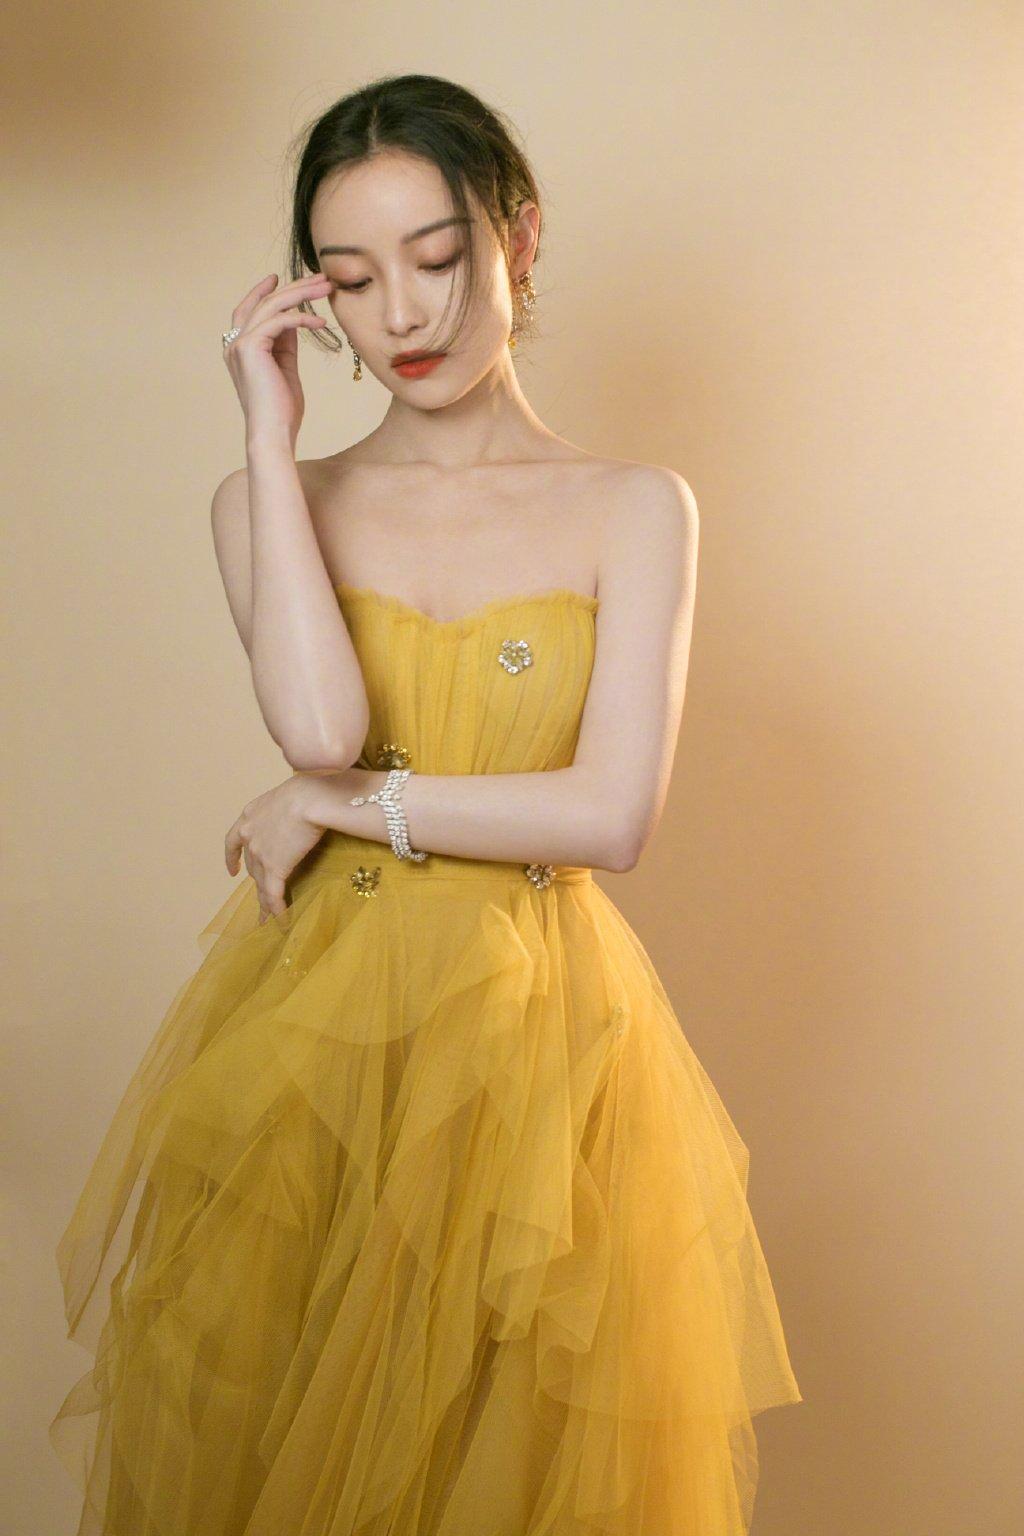 倪妮抹胸纱裙明艳性感写真图片